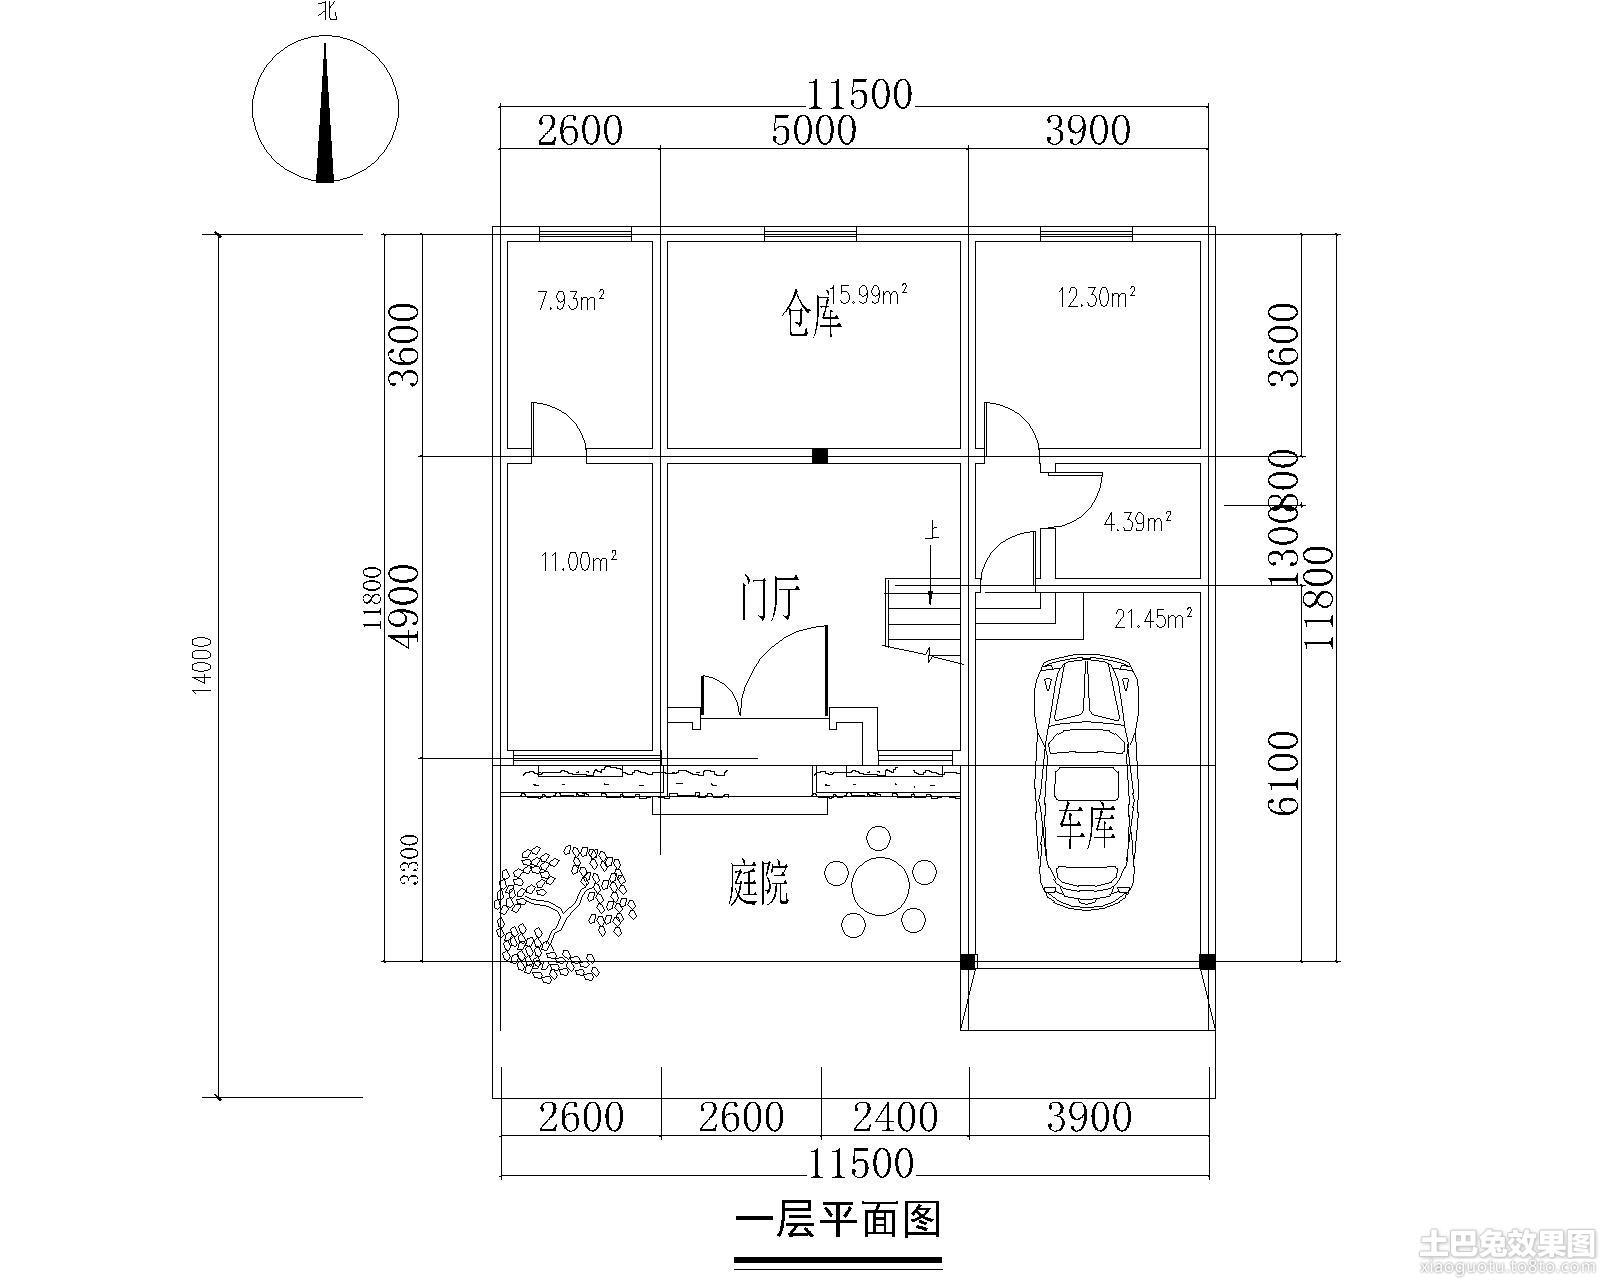 家居图库 两层半农村自建房设计图 > 第2张  共 12 张图片